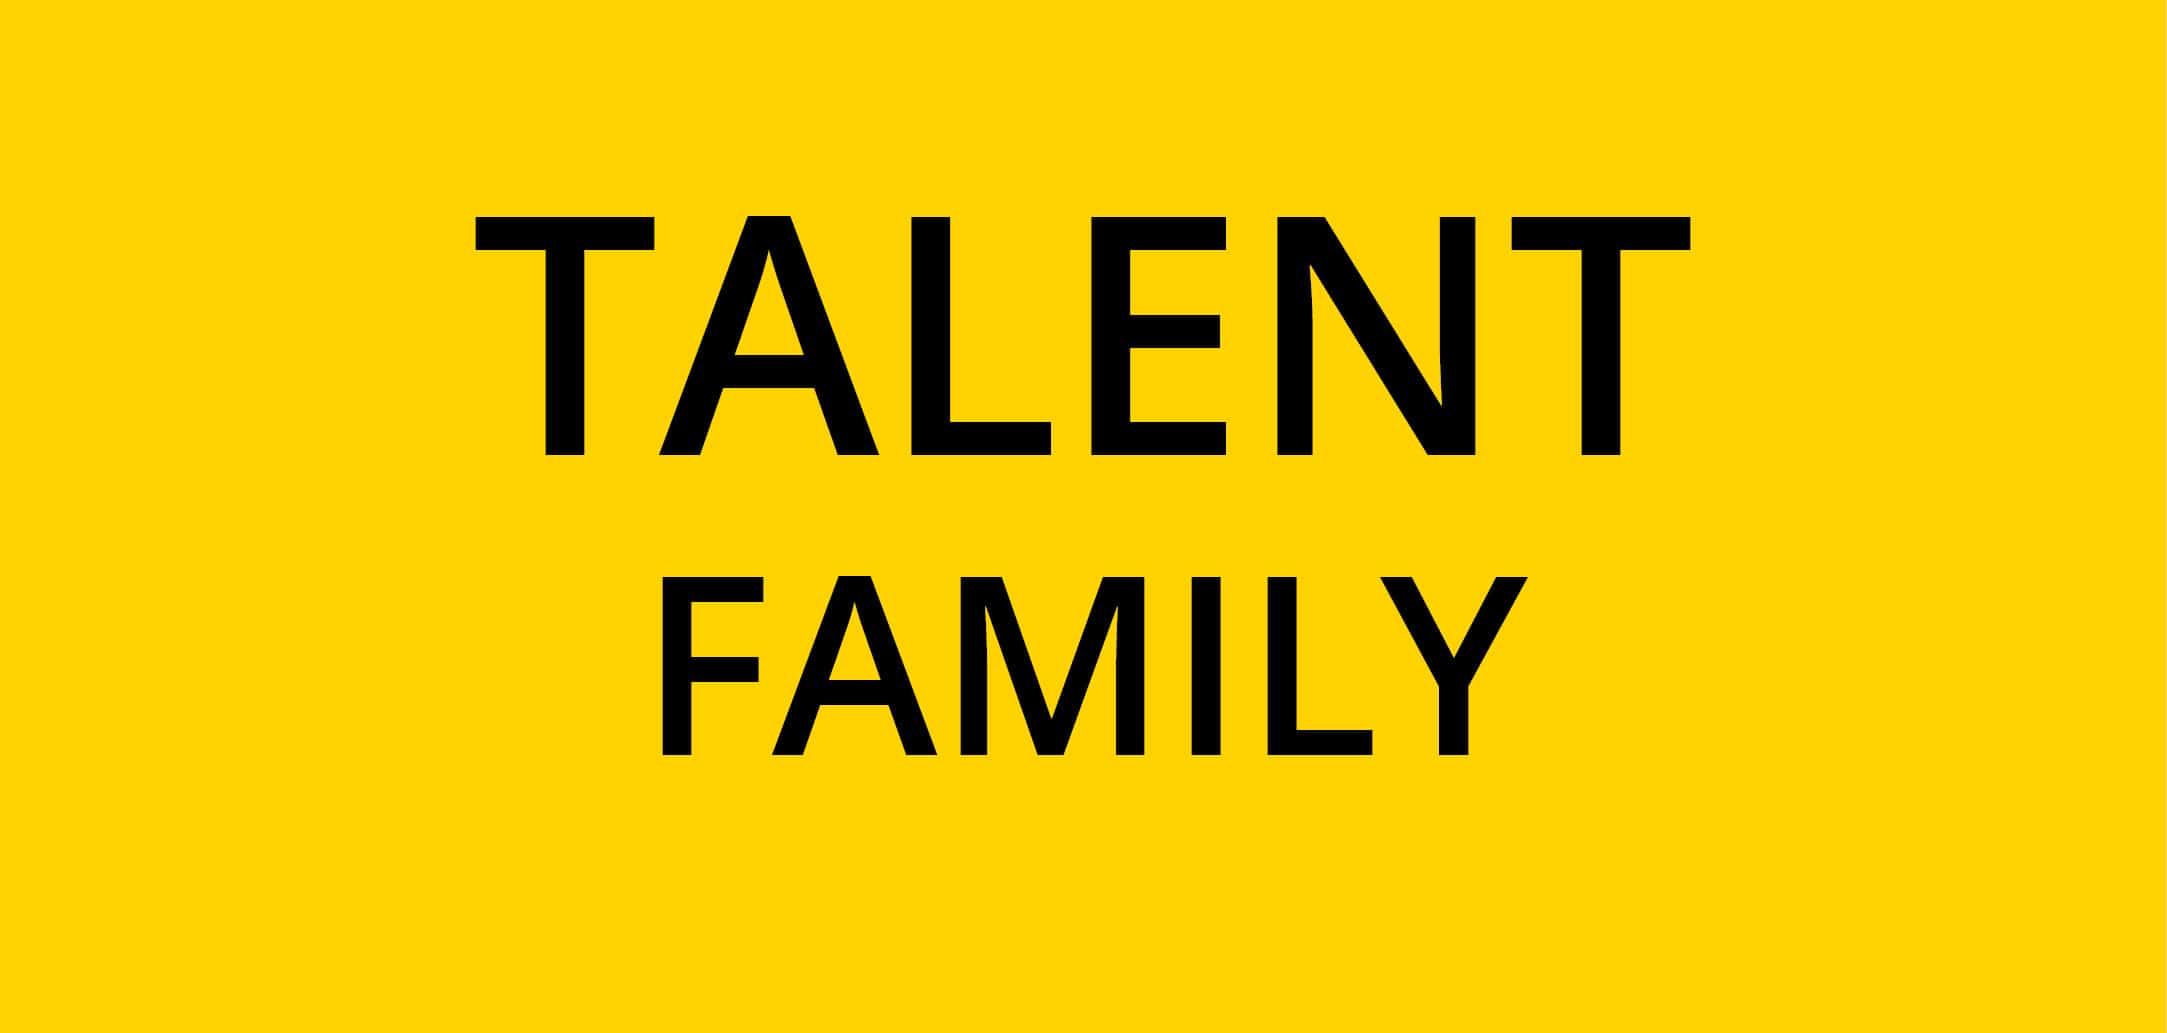 logo-entete-family